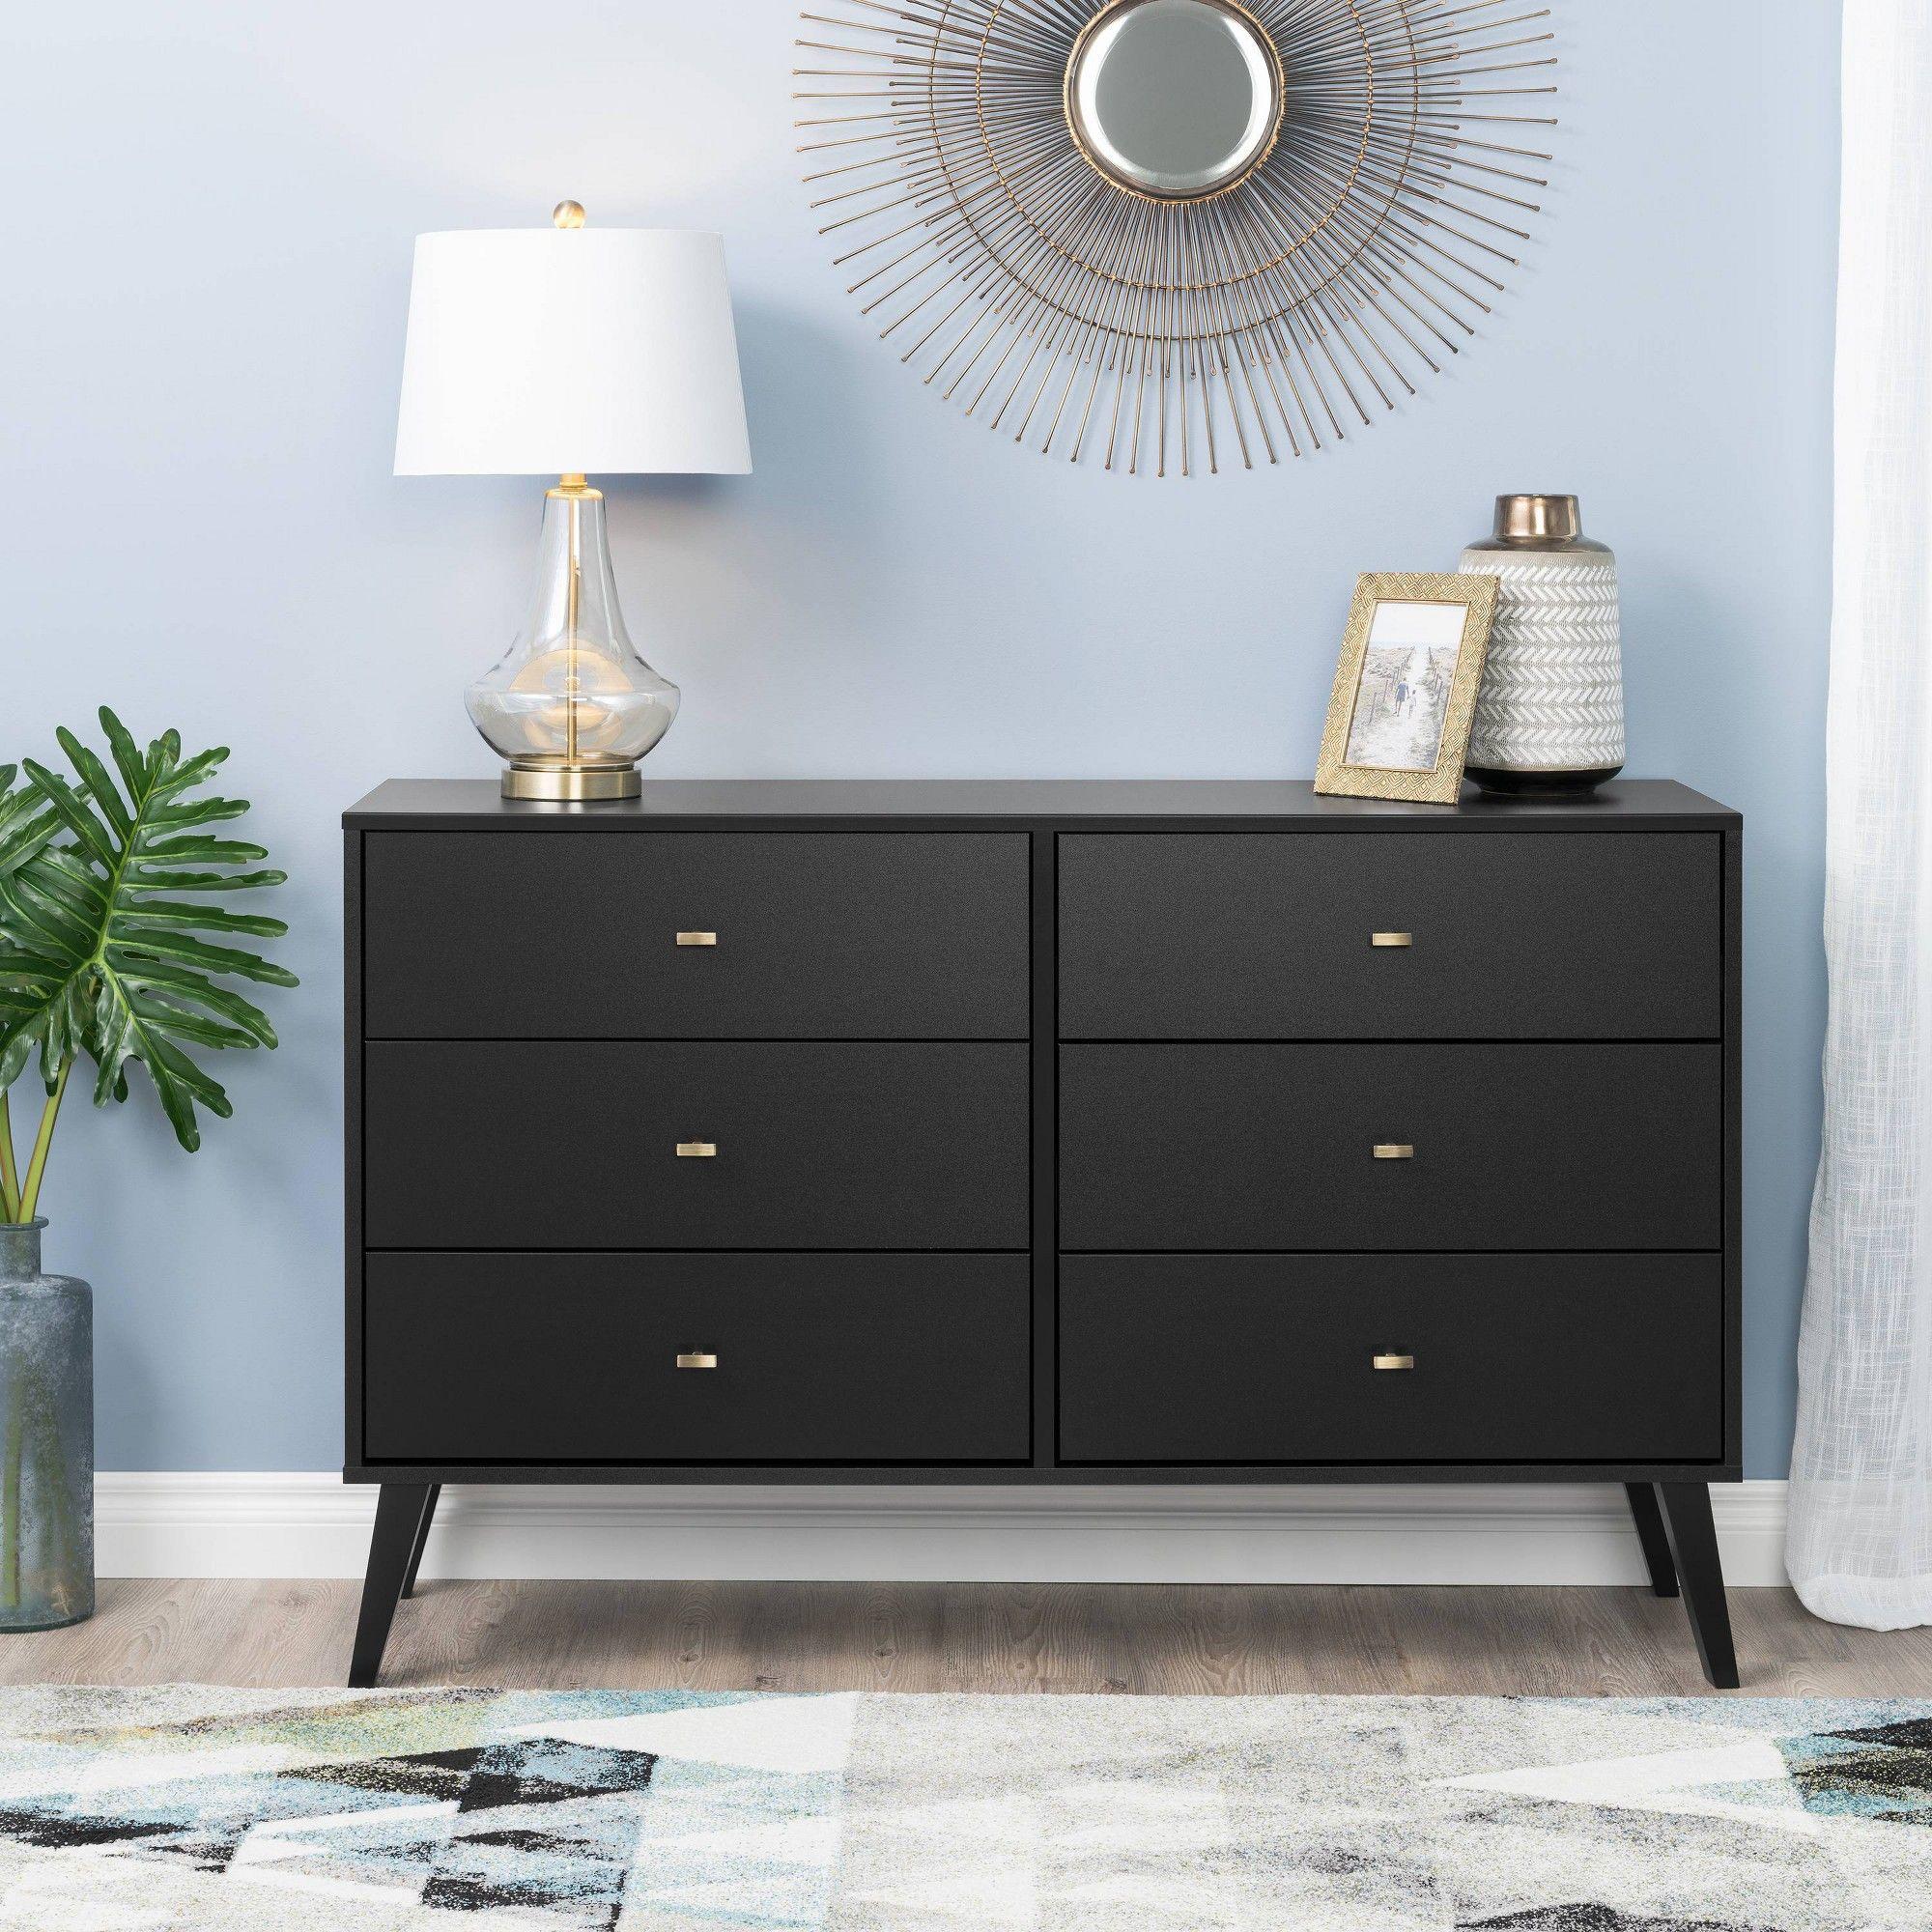 Best Mid Century Modern 6 Drawer Dresser Black Prepac In 2020 Mid Century Modern Dresser Modern 400 x 300